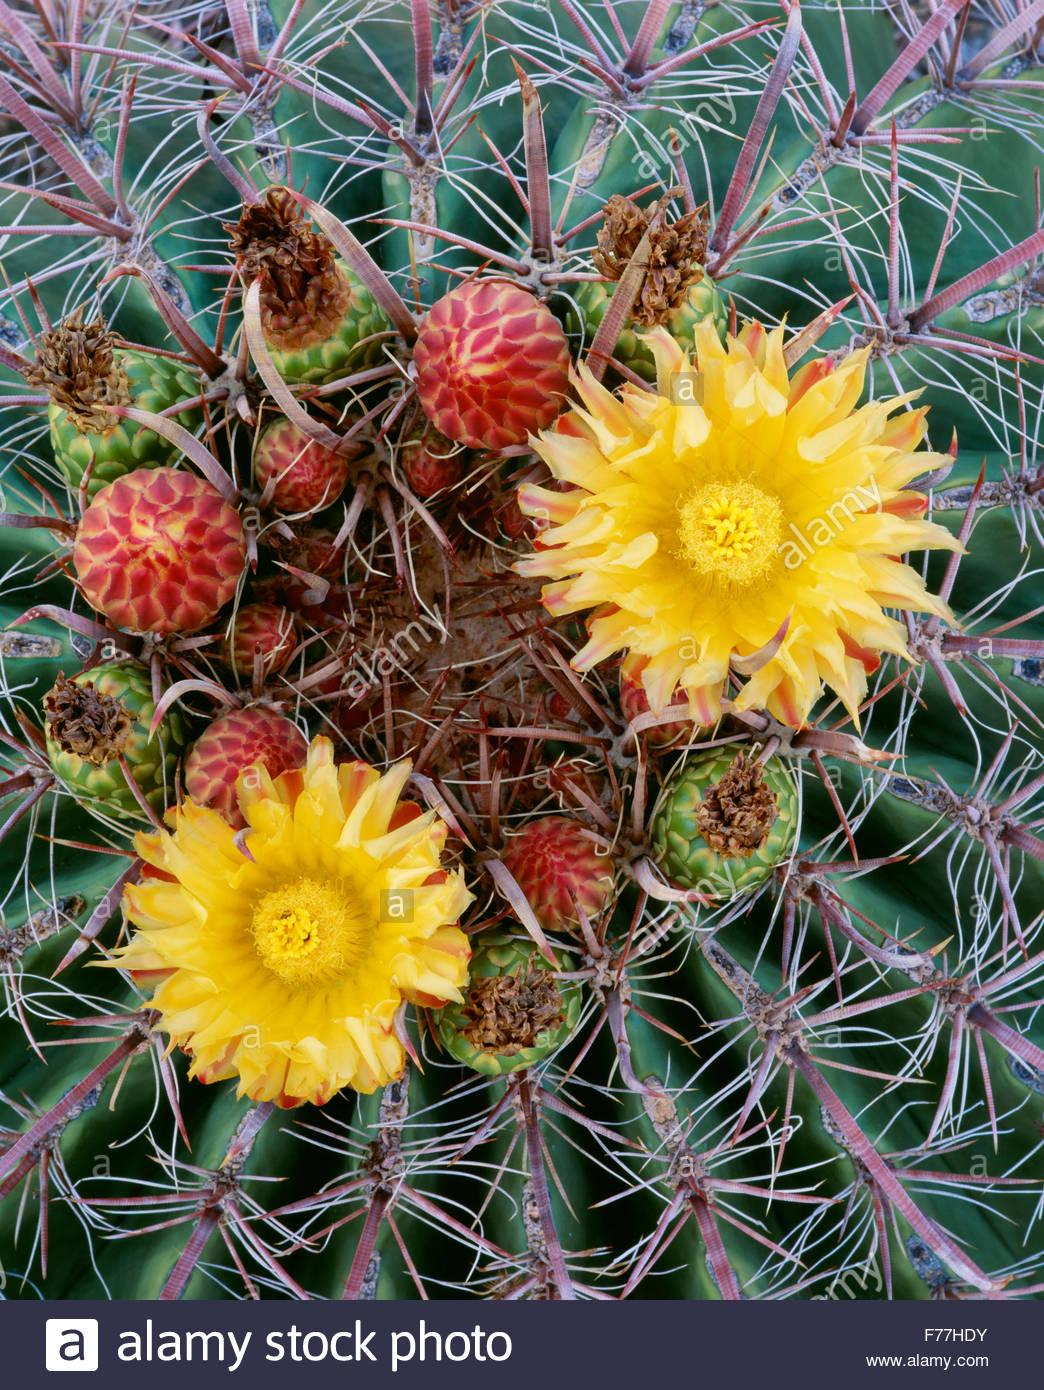 Fishhook cactus Ferocactus wislizenii [fourreau] Saguaro National Park. De l'Arizona. Banque D'Images